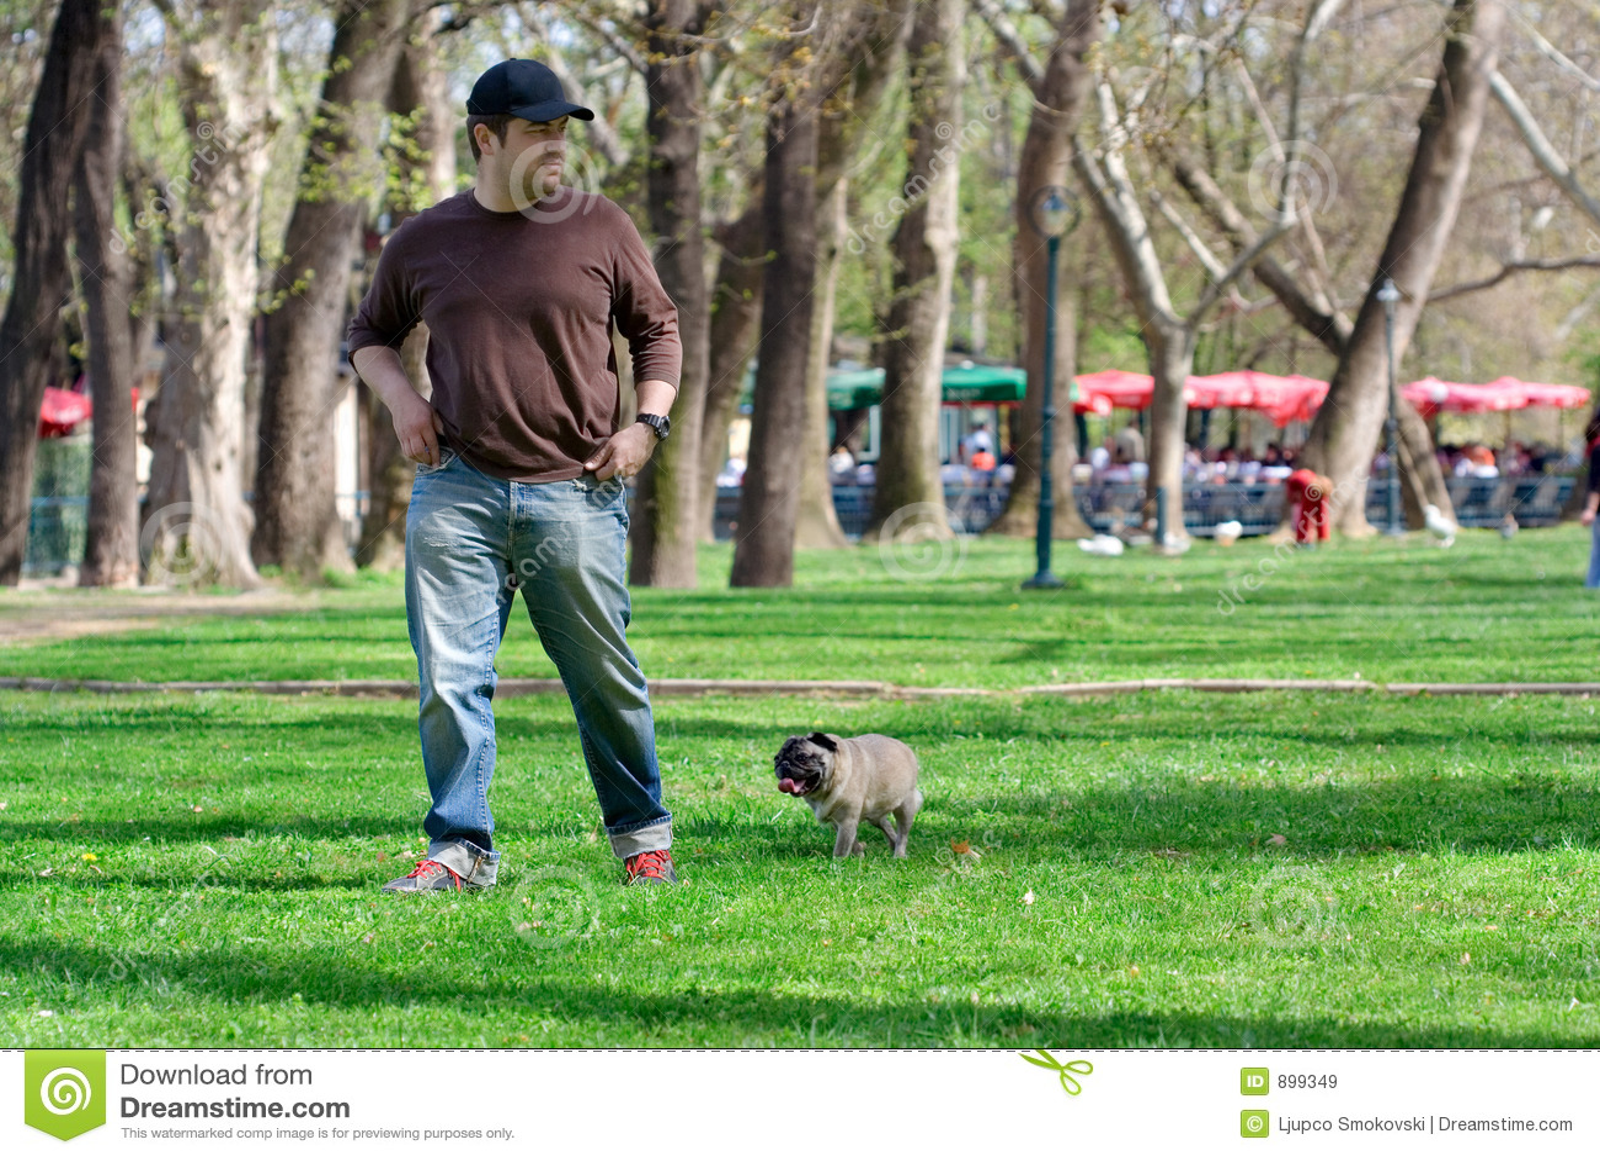 Idź do parku